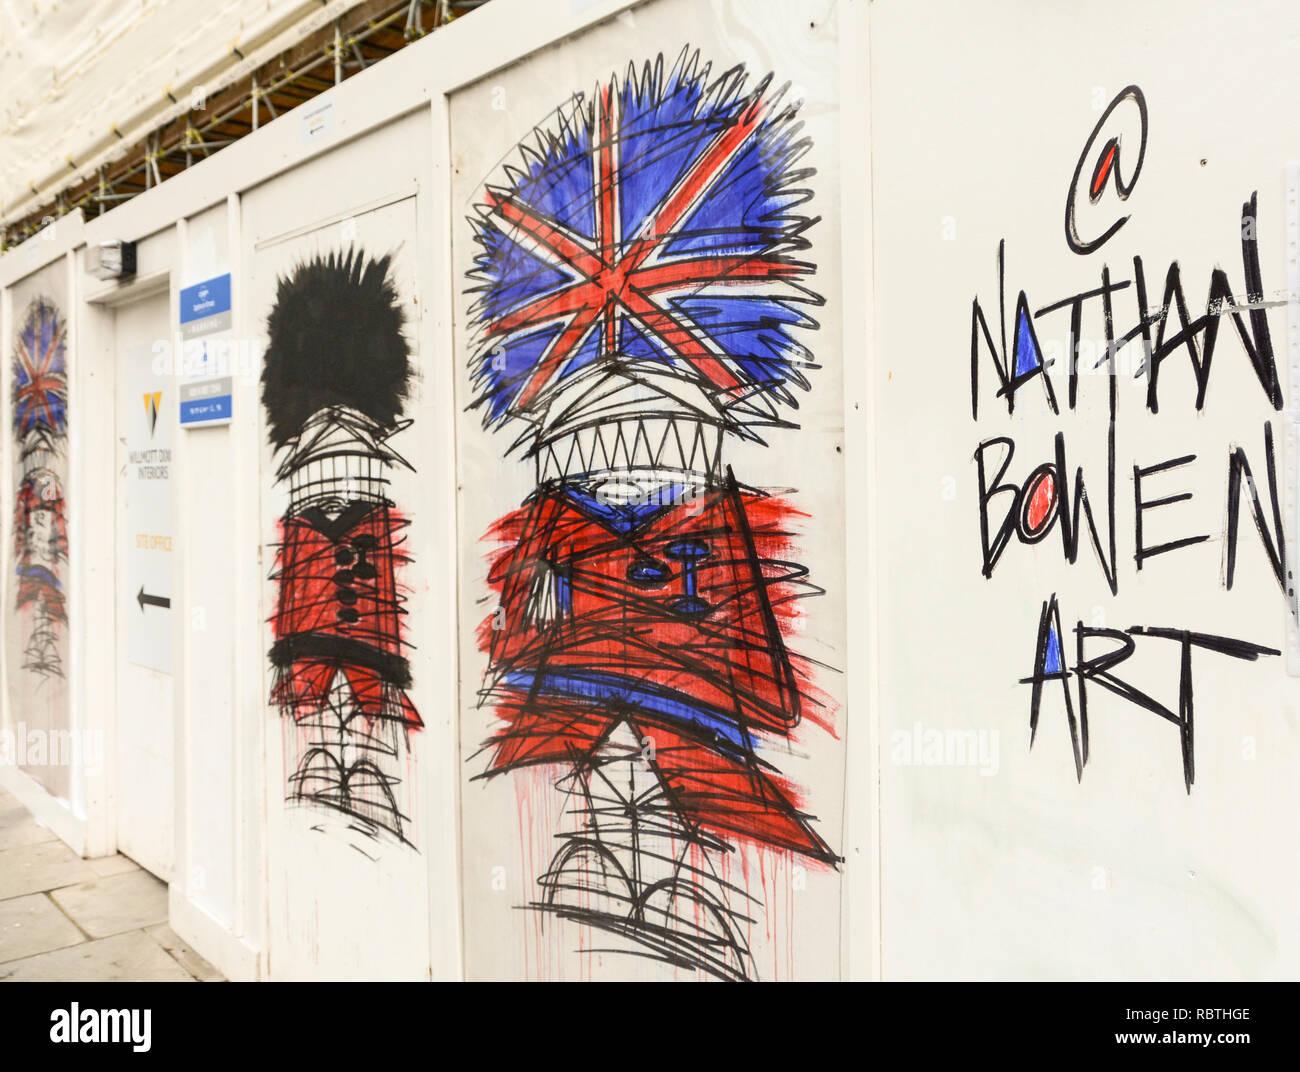 Street artist Nathan Bowen's Grenadier Guardsmen wearing bearskins in Trafalgar Square, London, UK - Stock Image